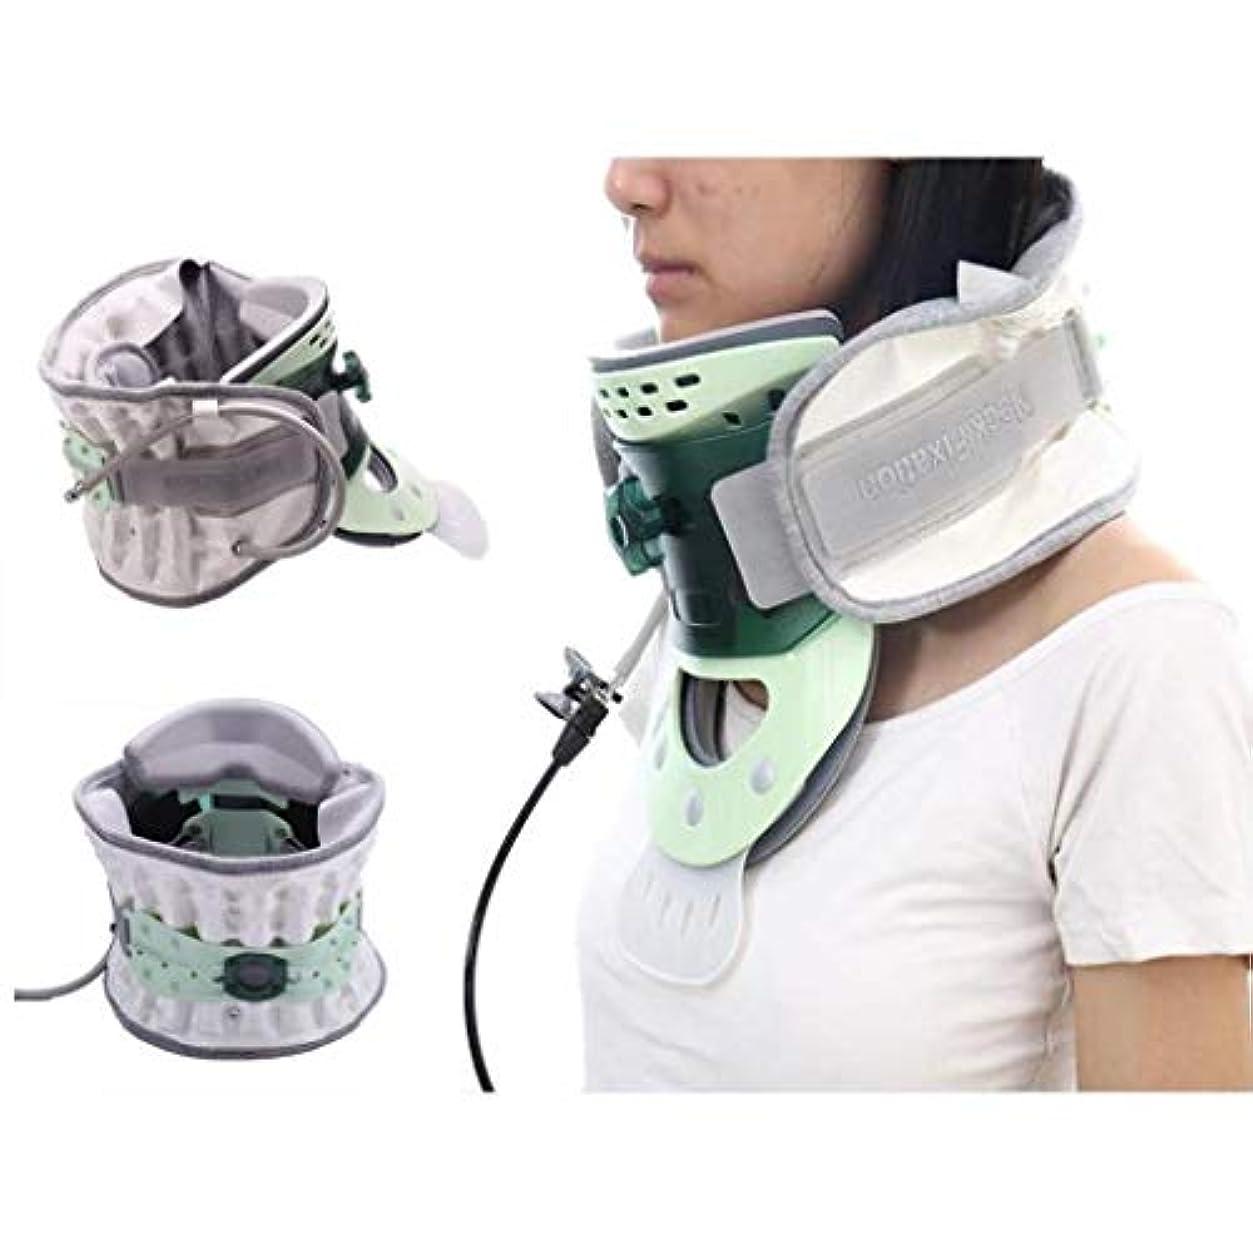 ピカリング追加する酔っ払い首の痛みや頸椎症の人に適したインフレータブル頸椎トラクター、首牽引装置、家の保護頸椎矯正器具